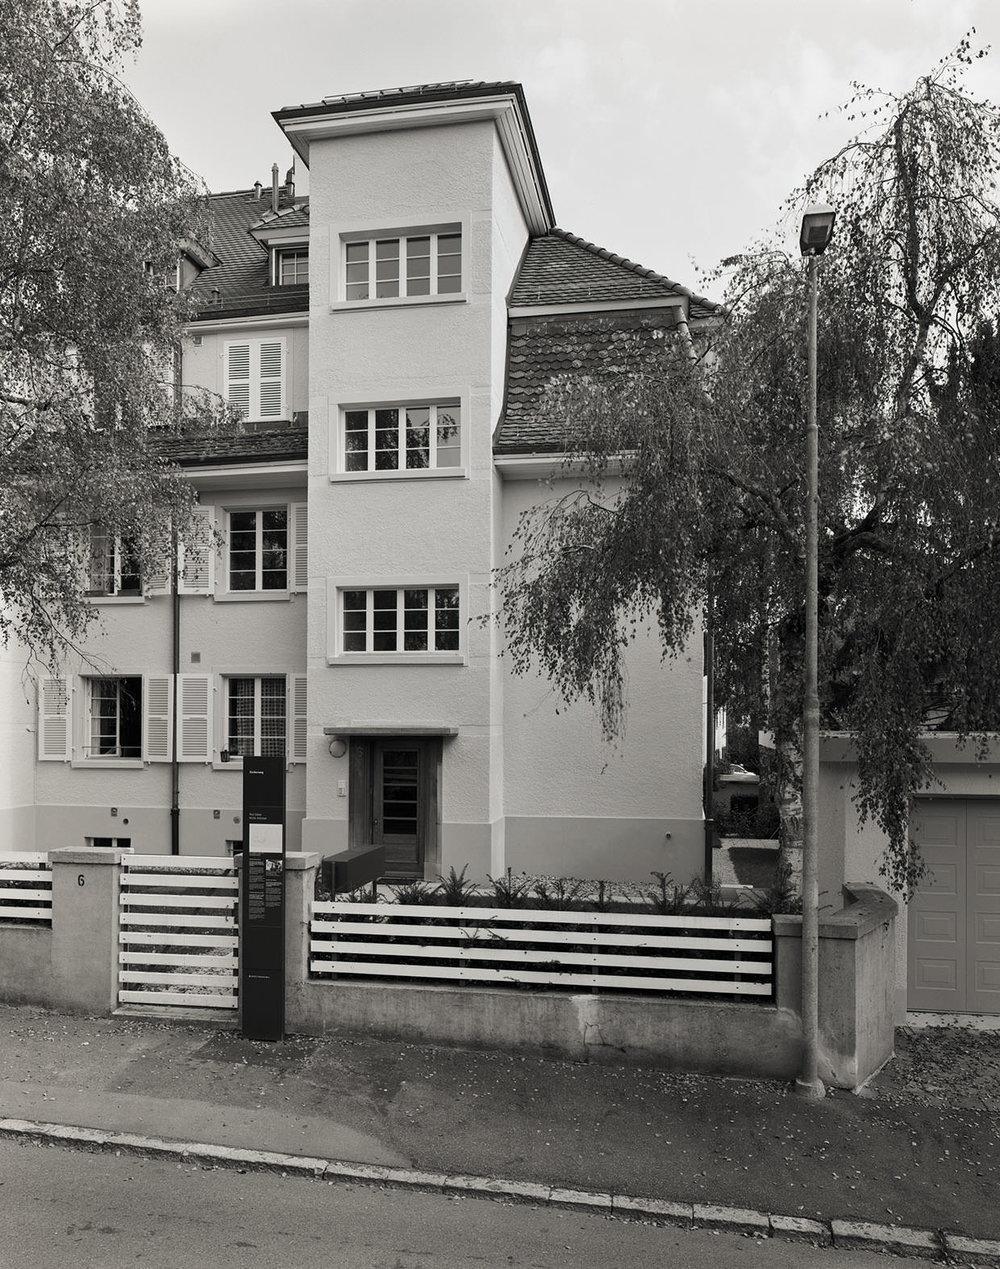 Wohnhaus von Paul und Lily Klee am Kistlerweg 6 in Bern, 2005, Fotograf: Dominique Uldry ©Bern: Dominique Uldry